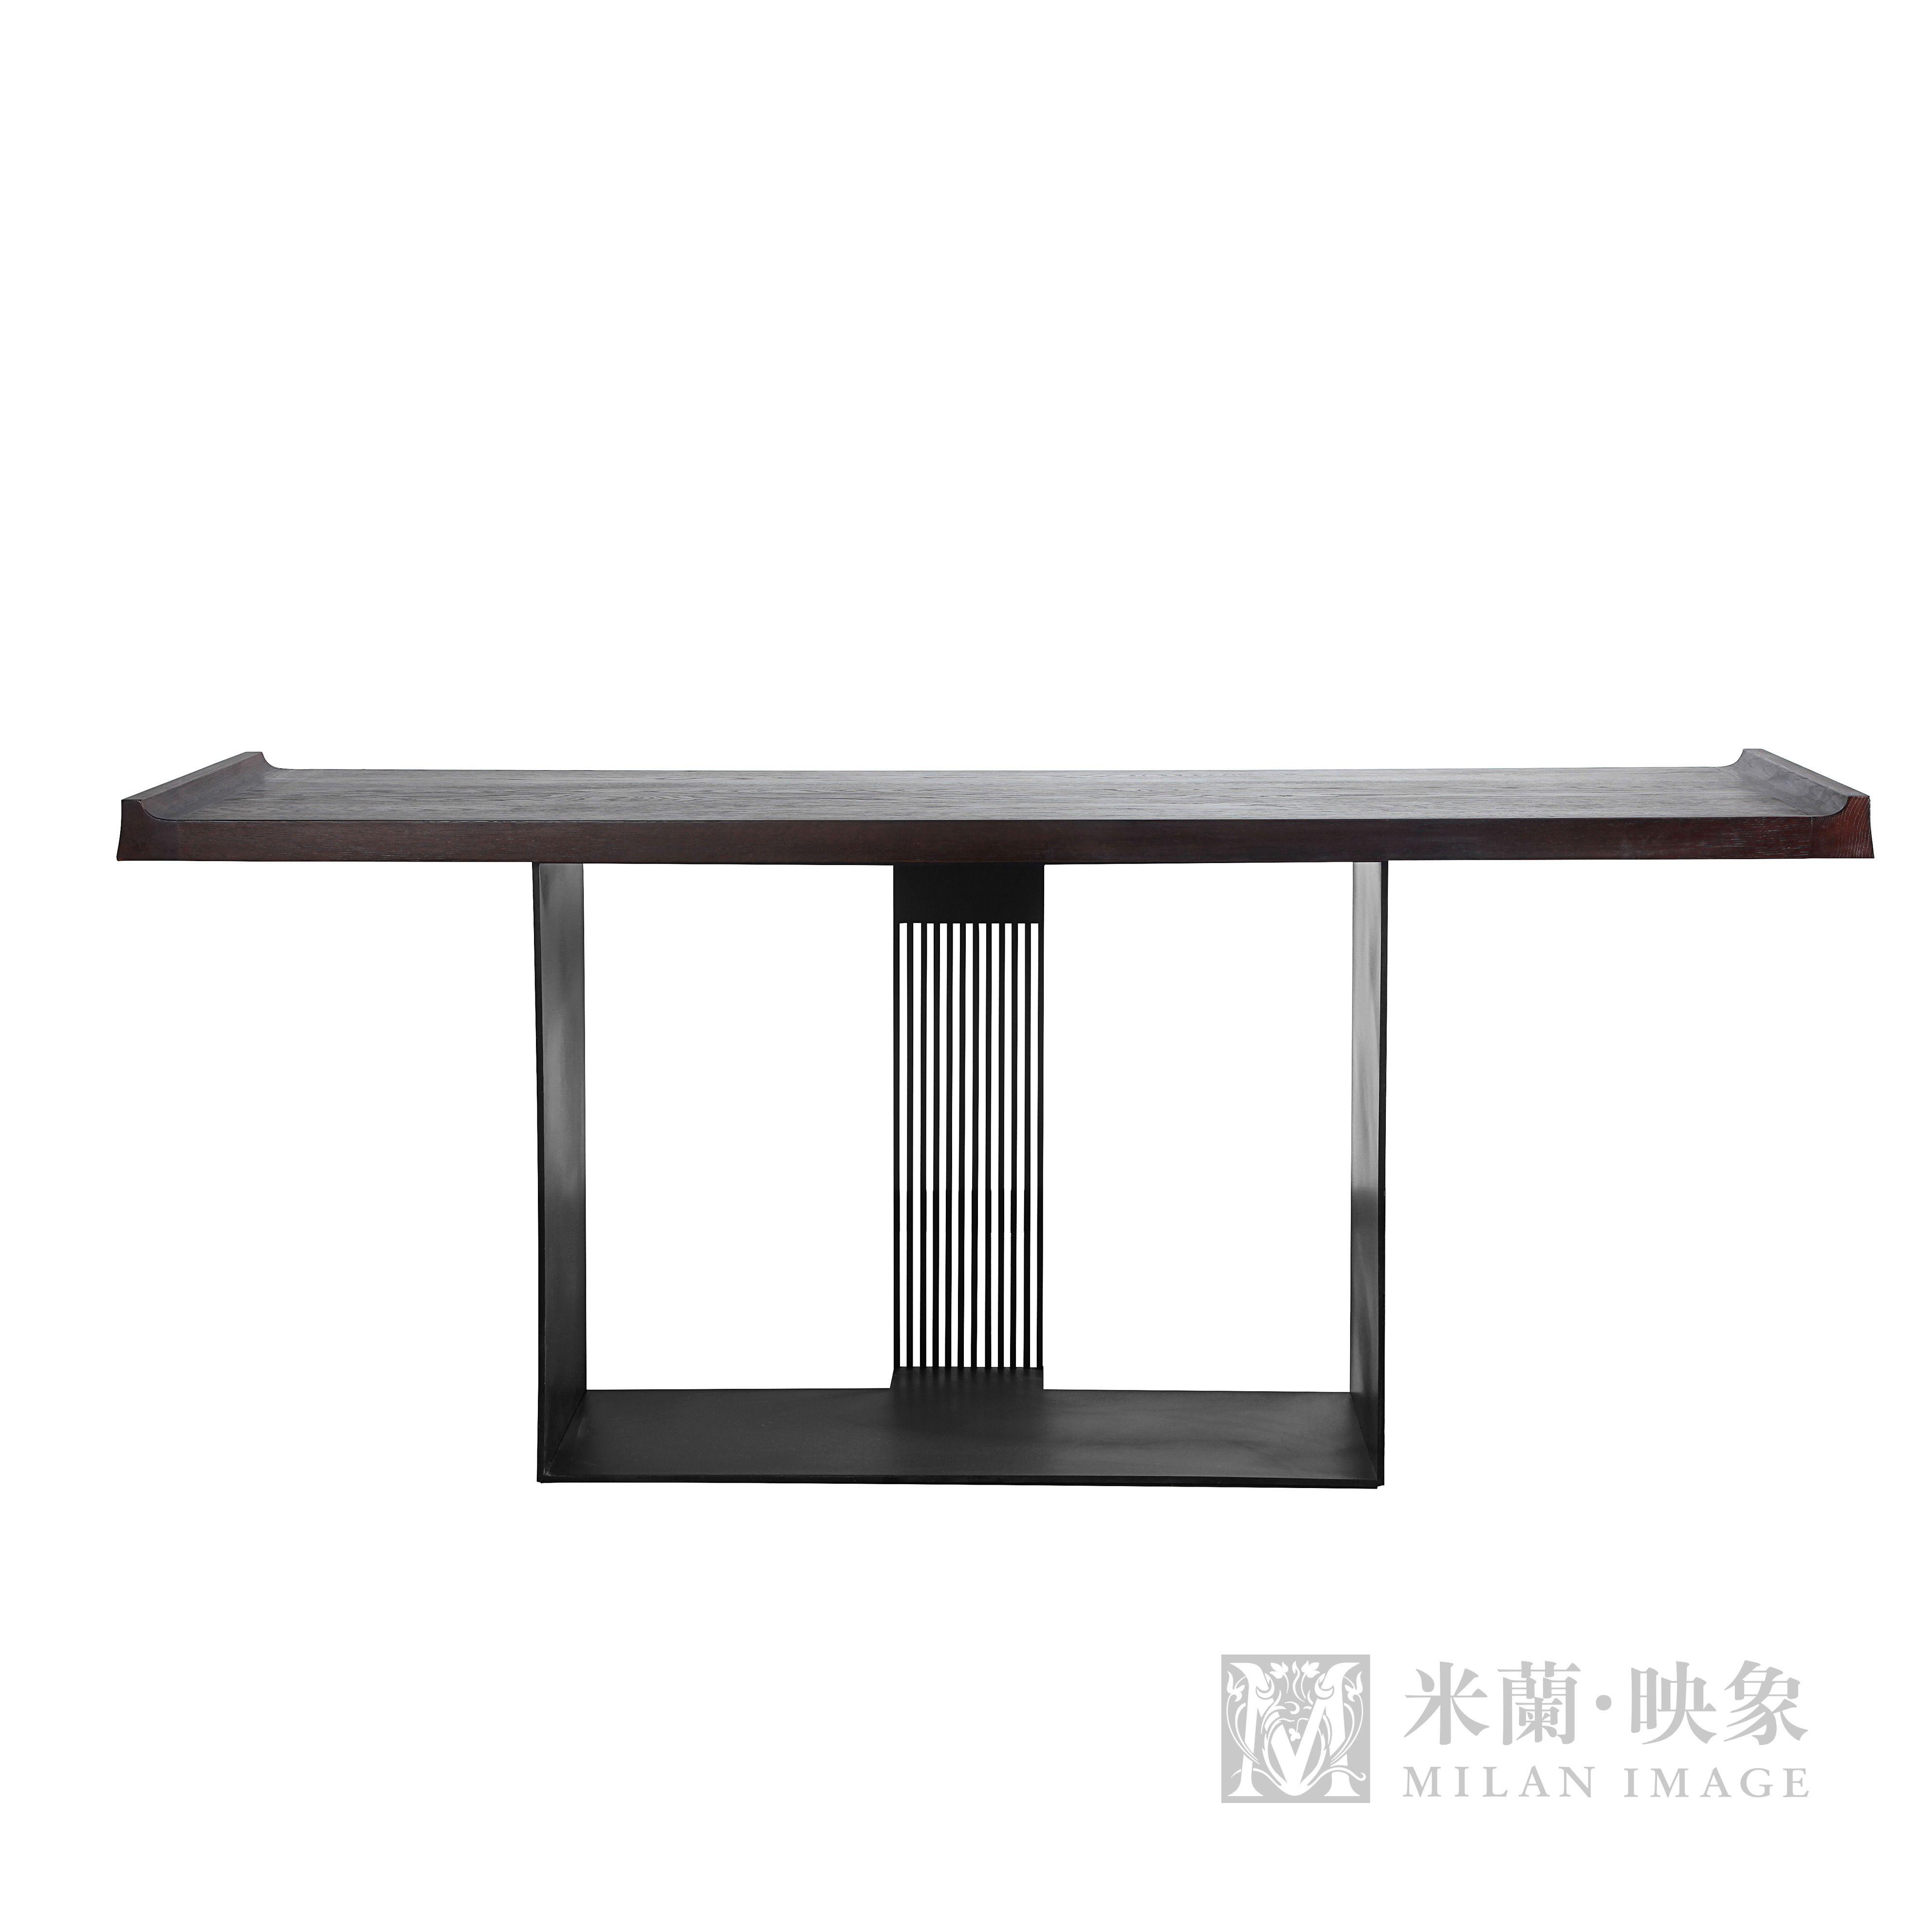 Cabinet 现代新中式禅意家具